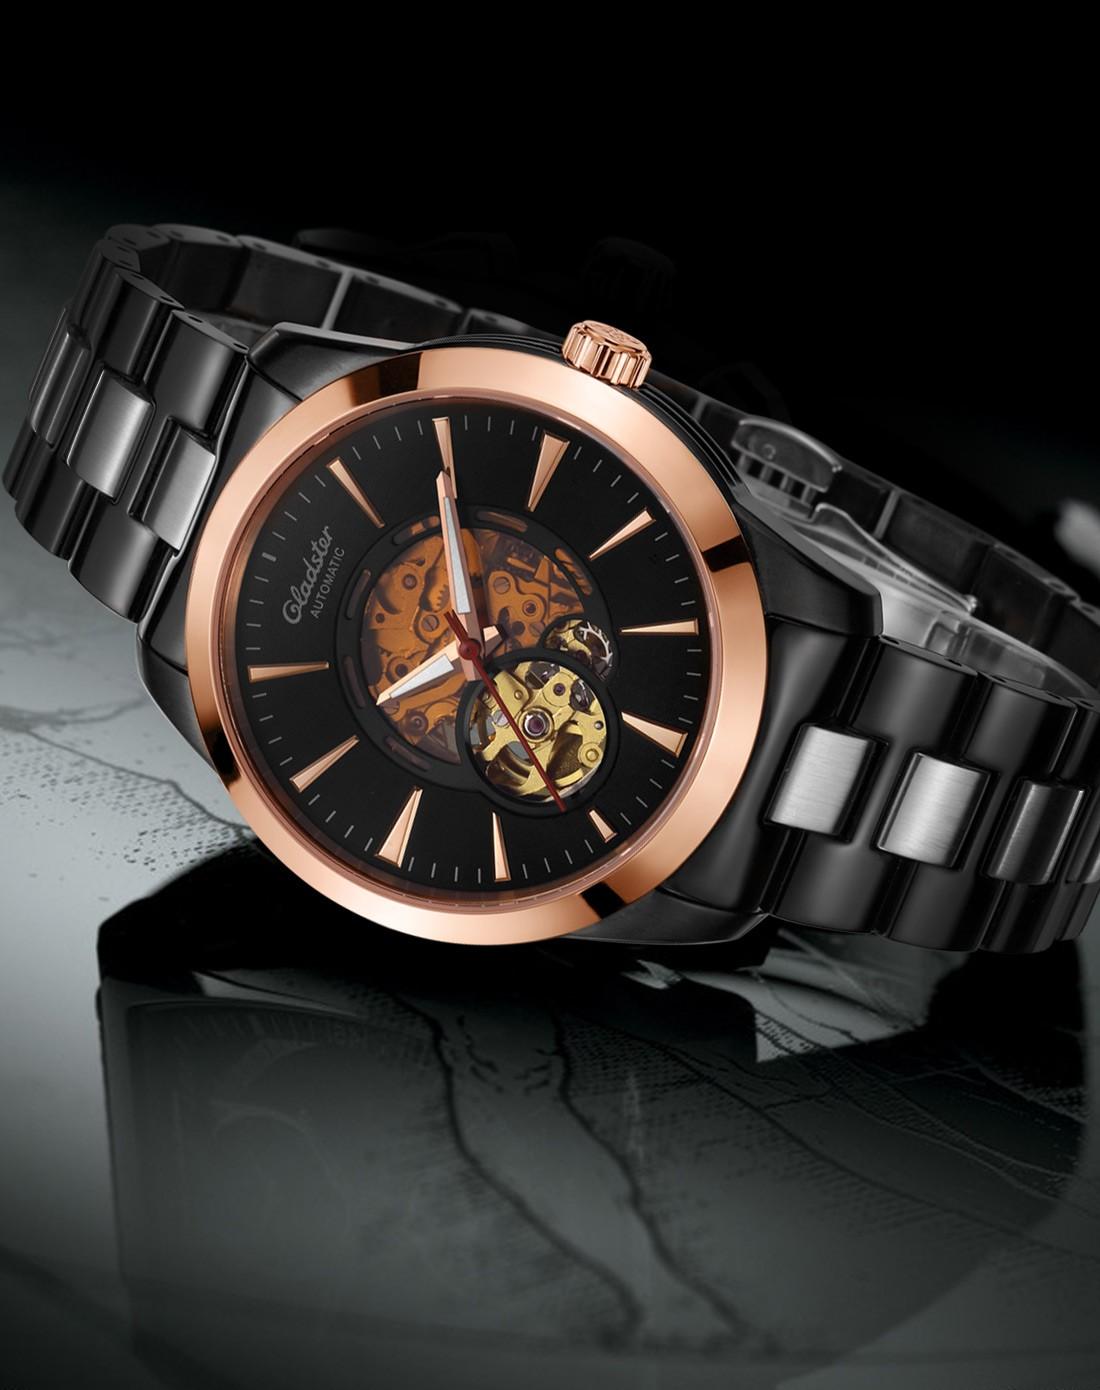 法国高端时尚腕表 gladster/2015新款镂空钢带玫瑰金黑色机械男表